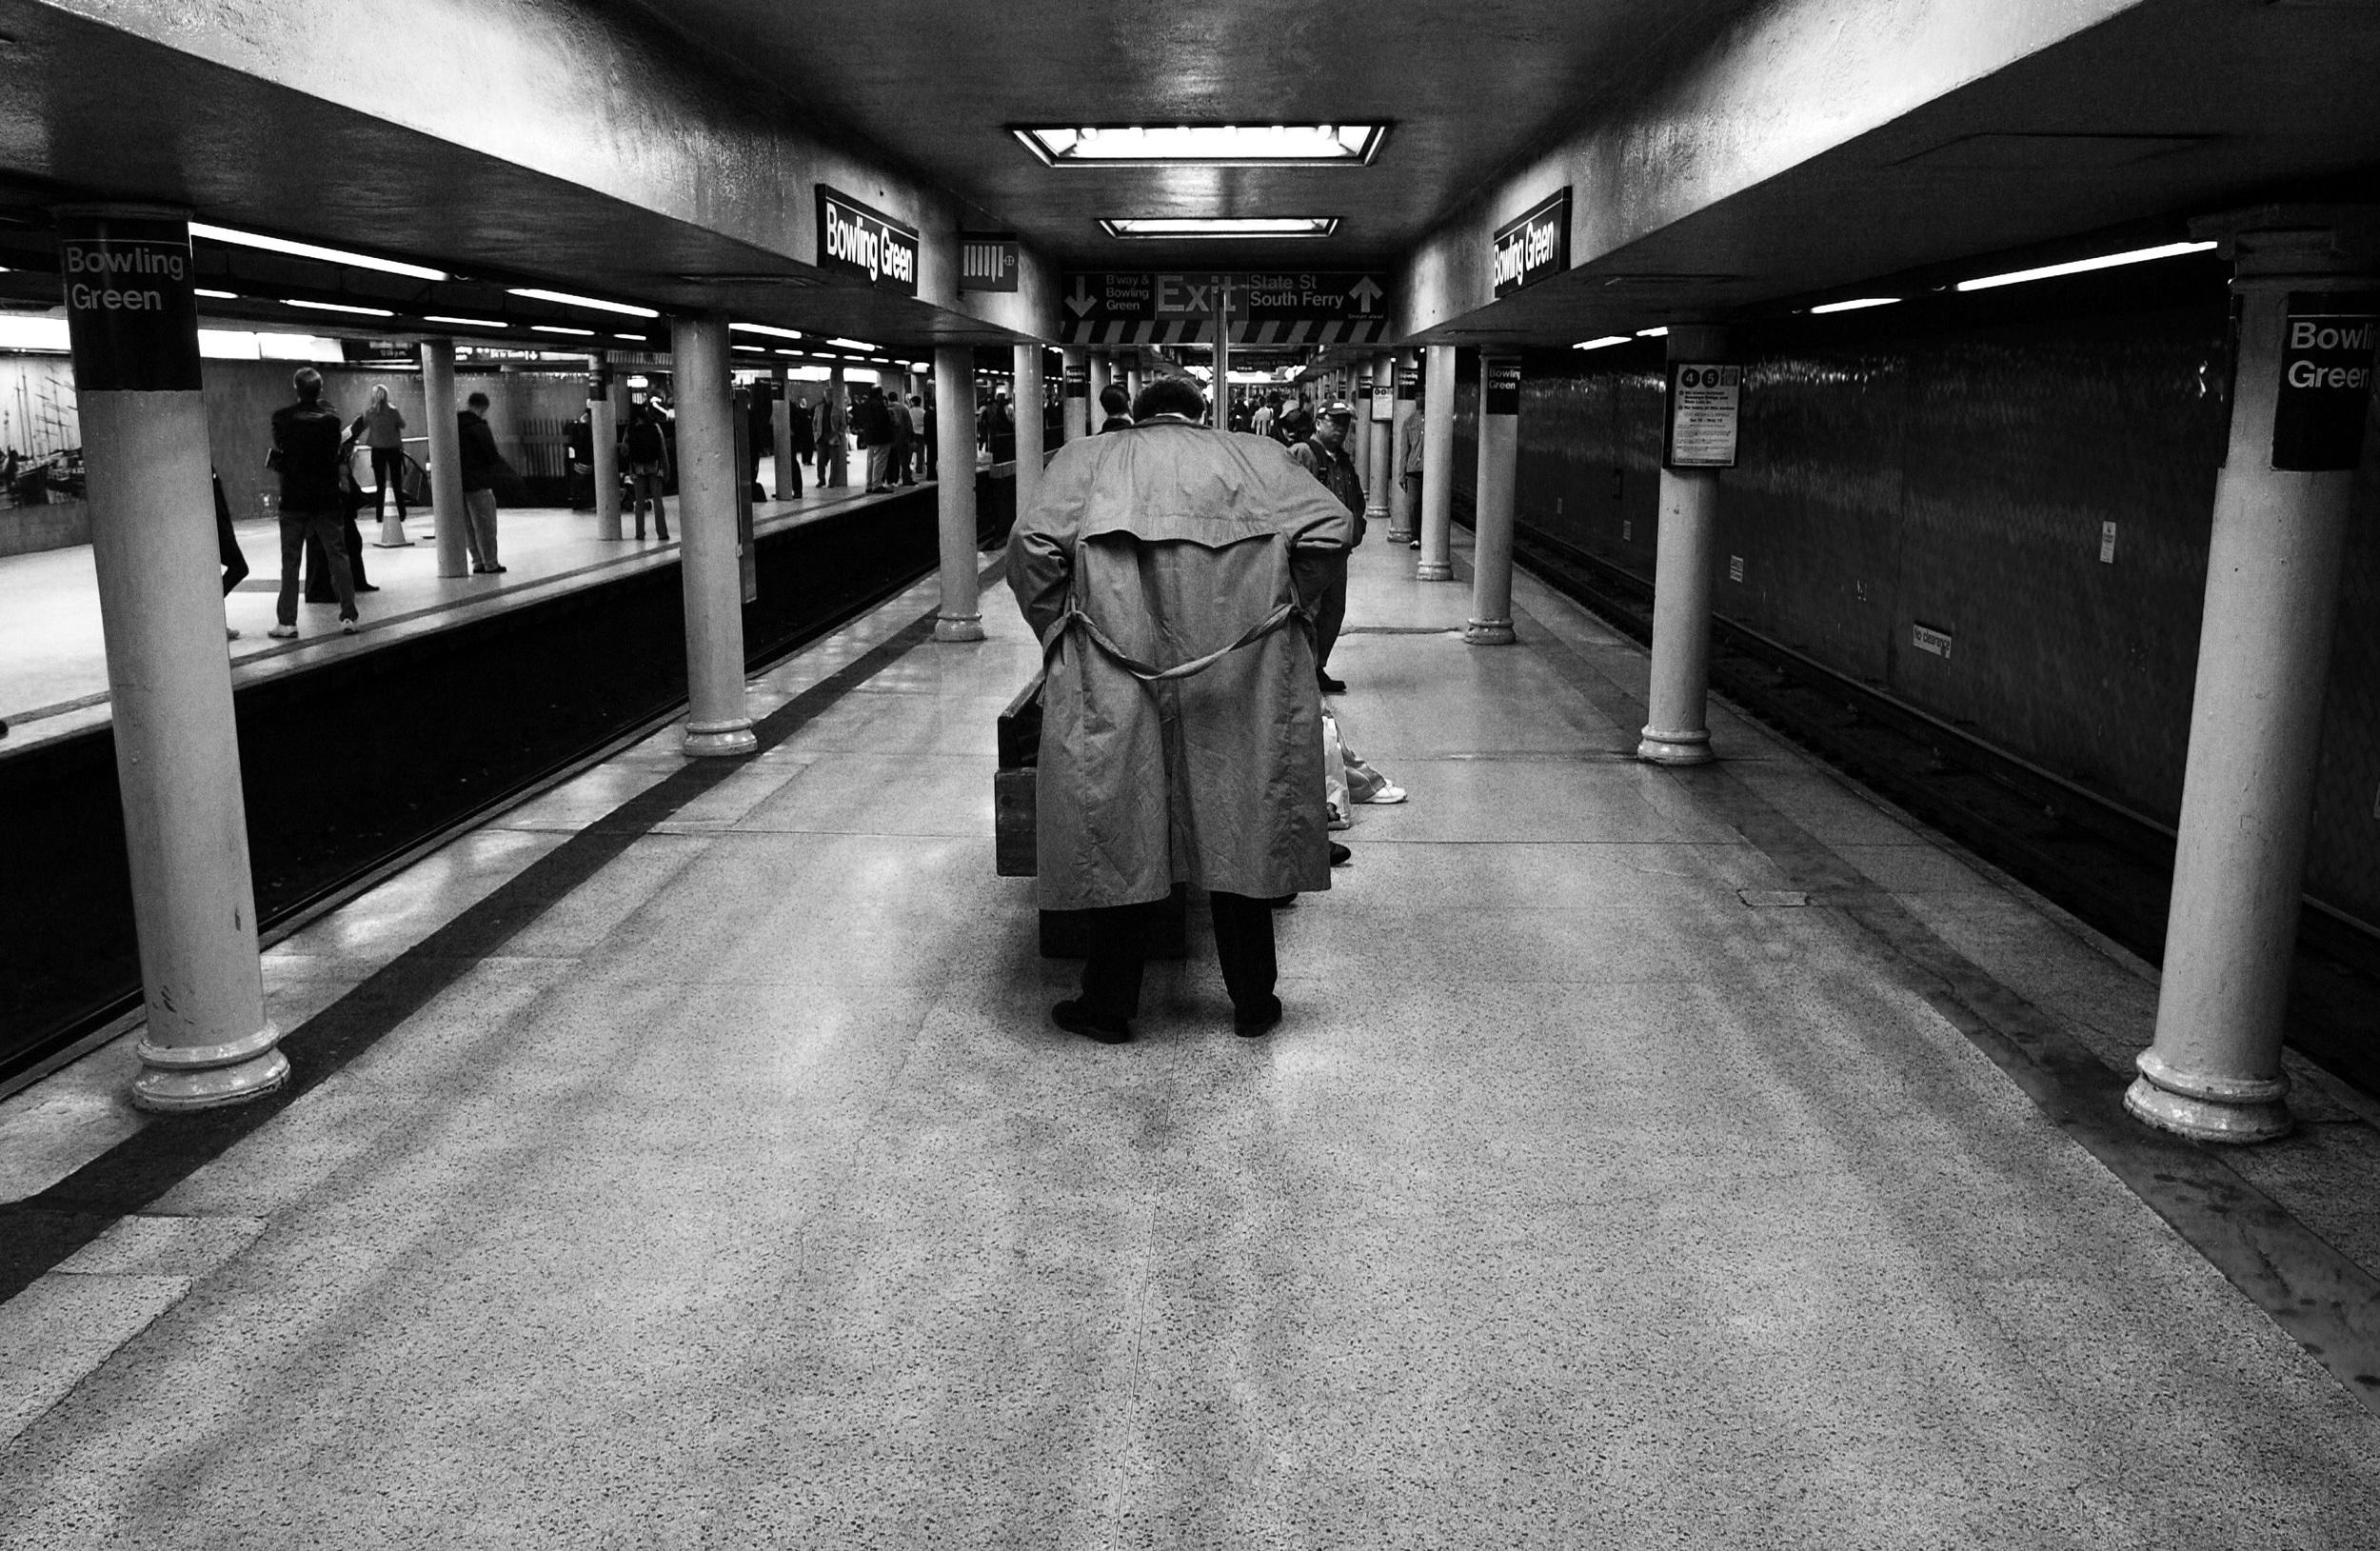 Subway-1841.JPG